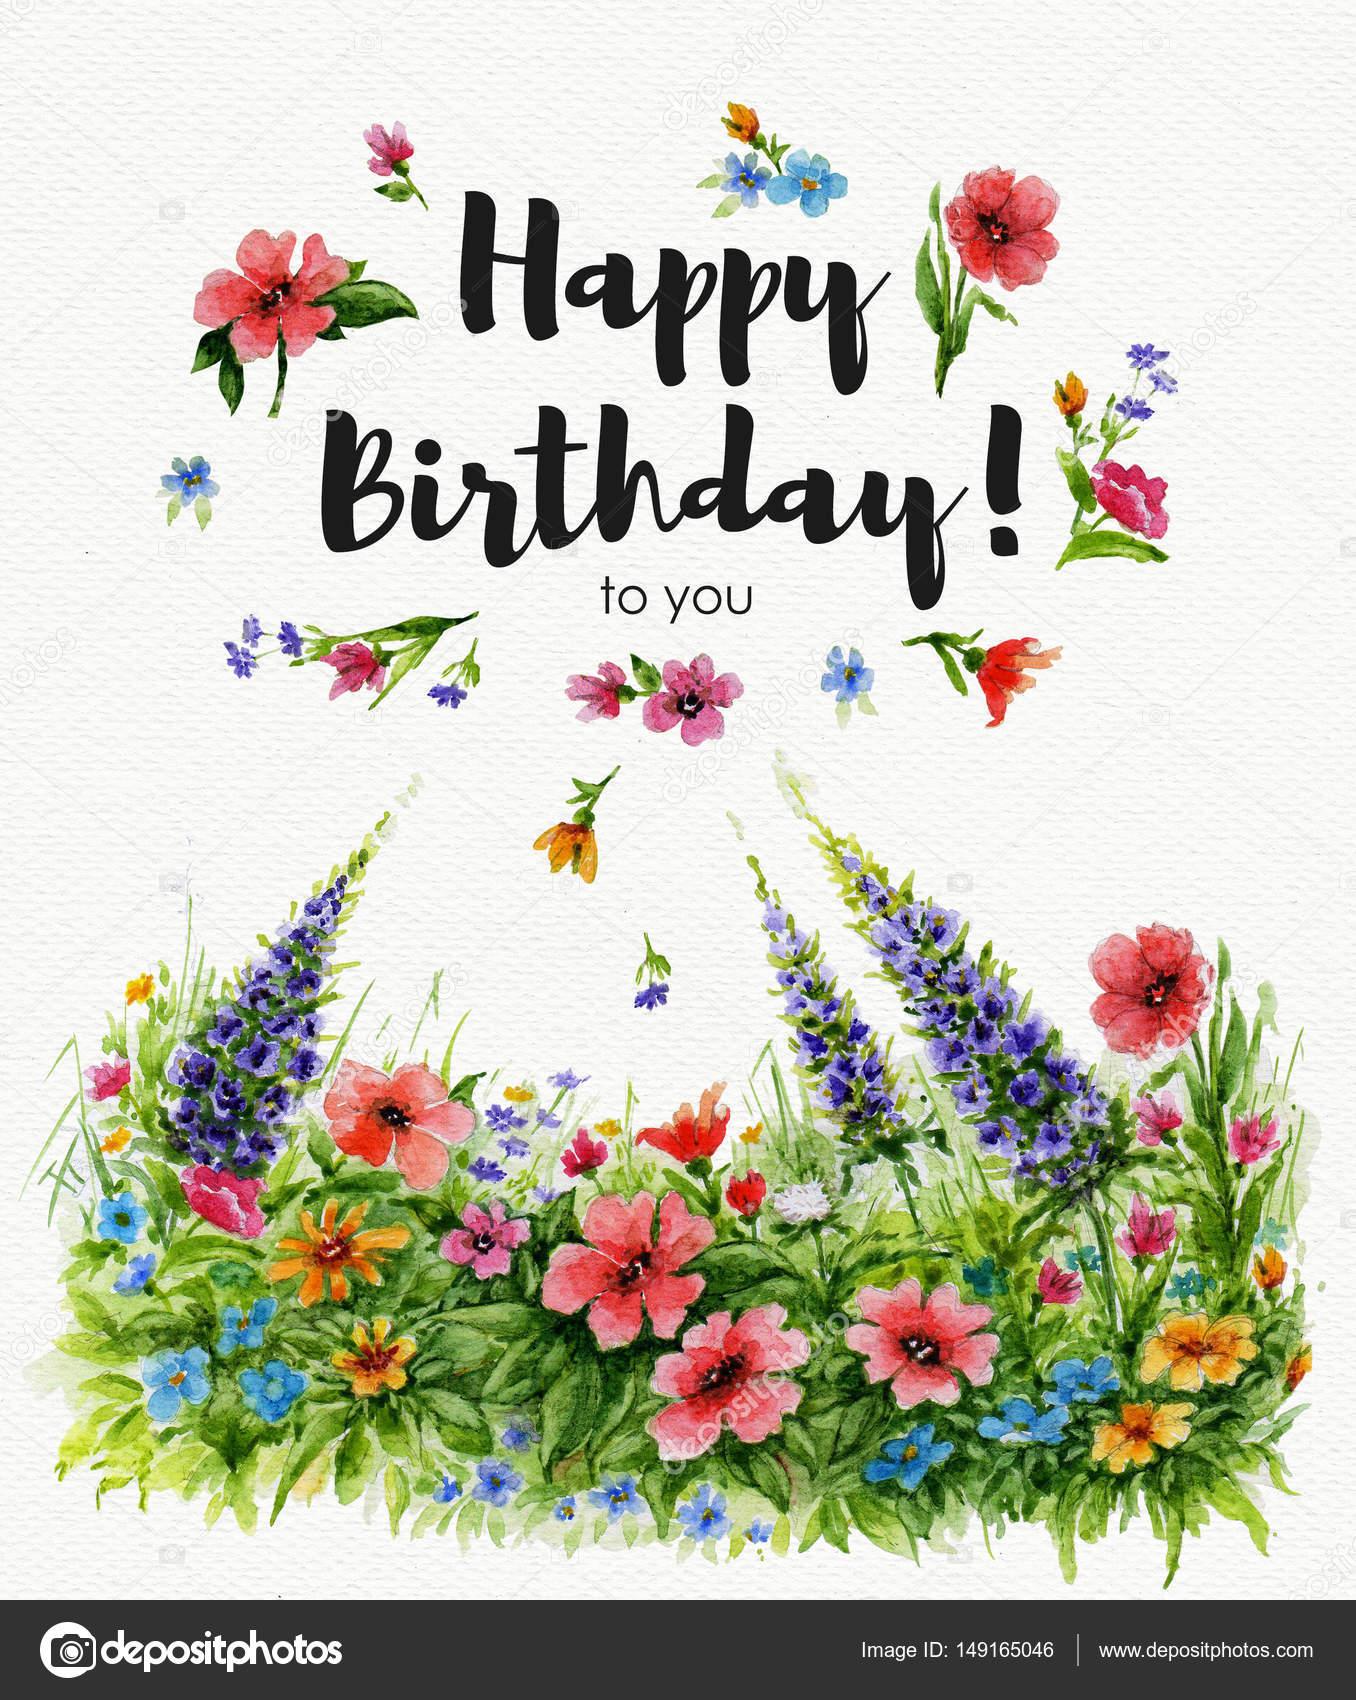 Картинки цветов и надписями с днем рождения